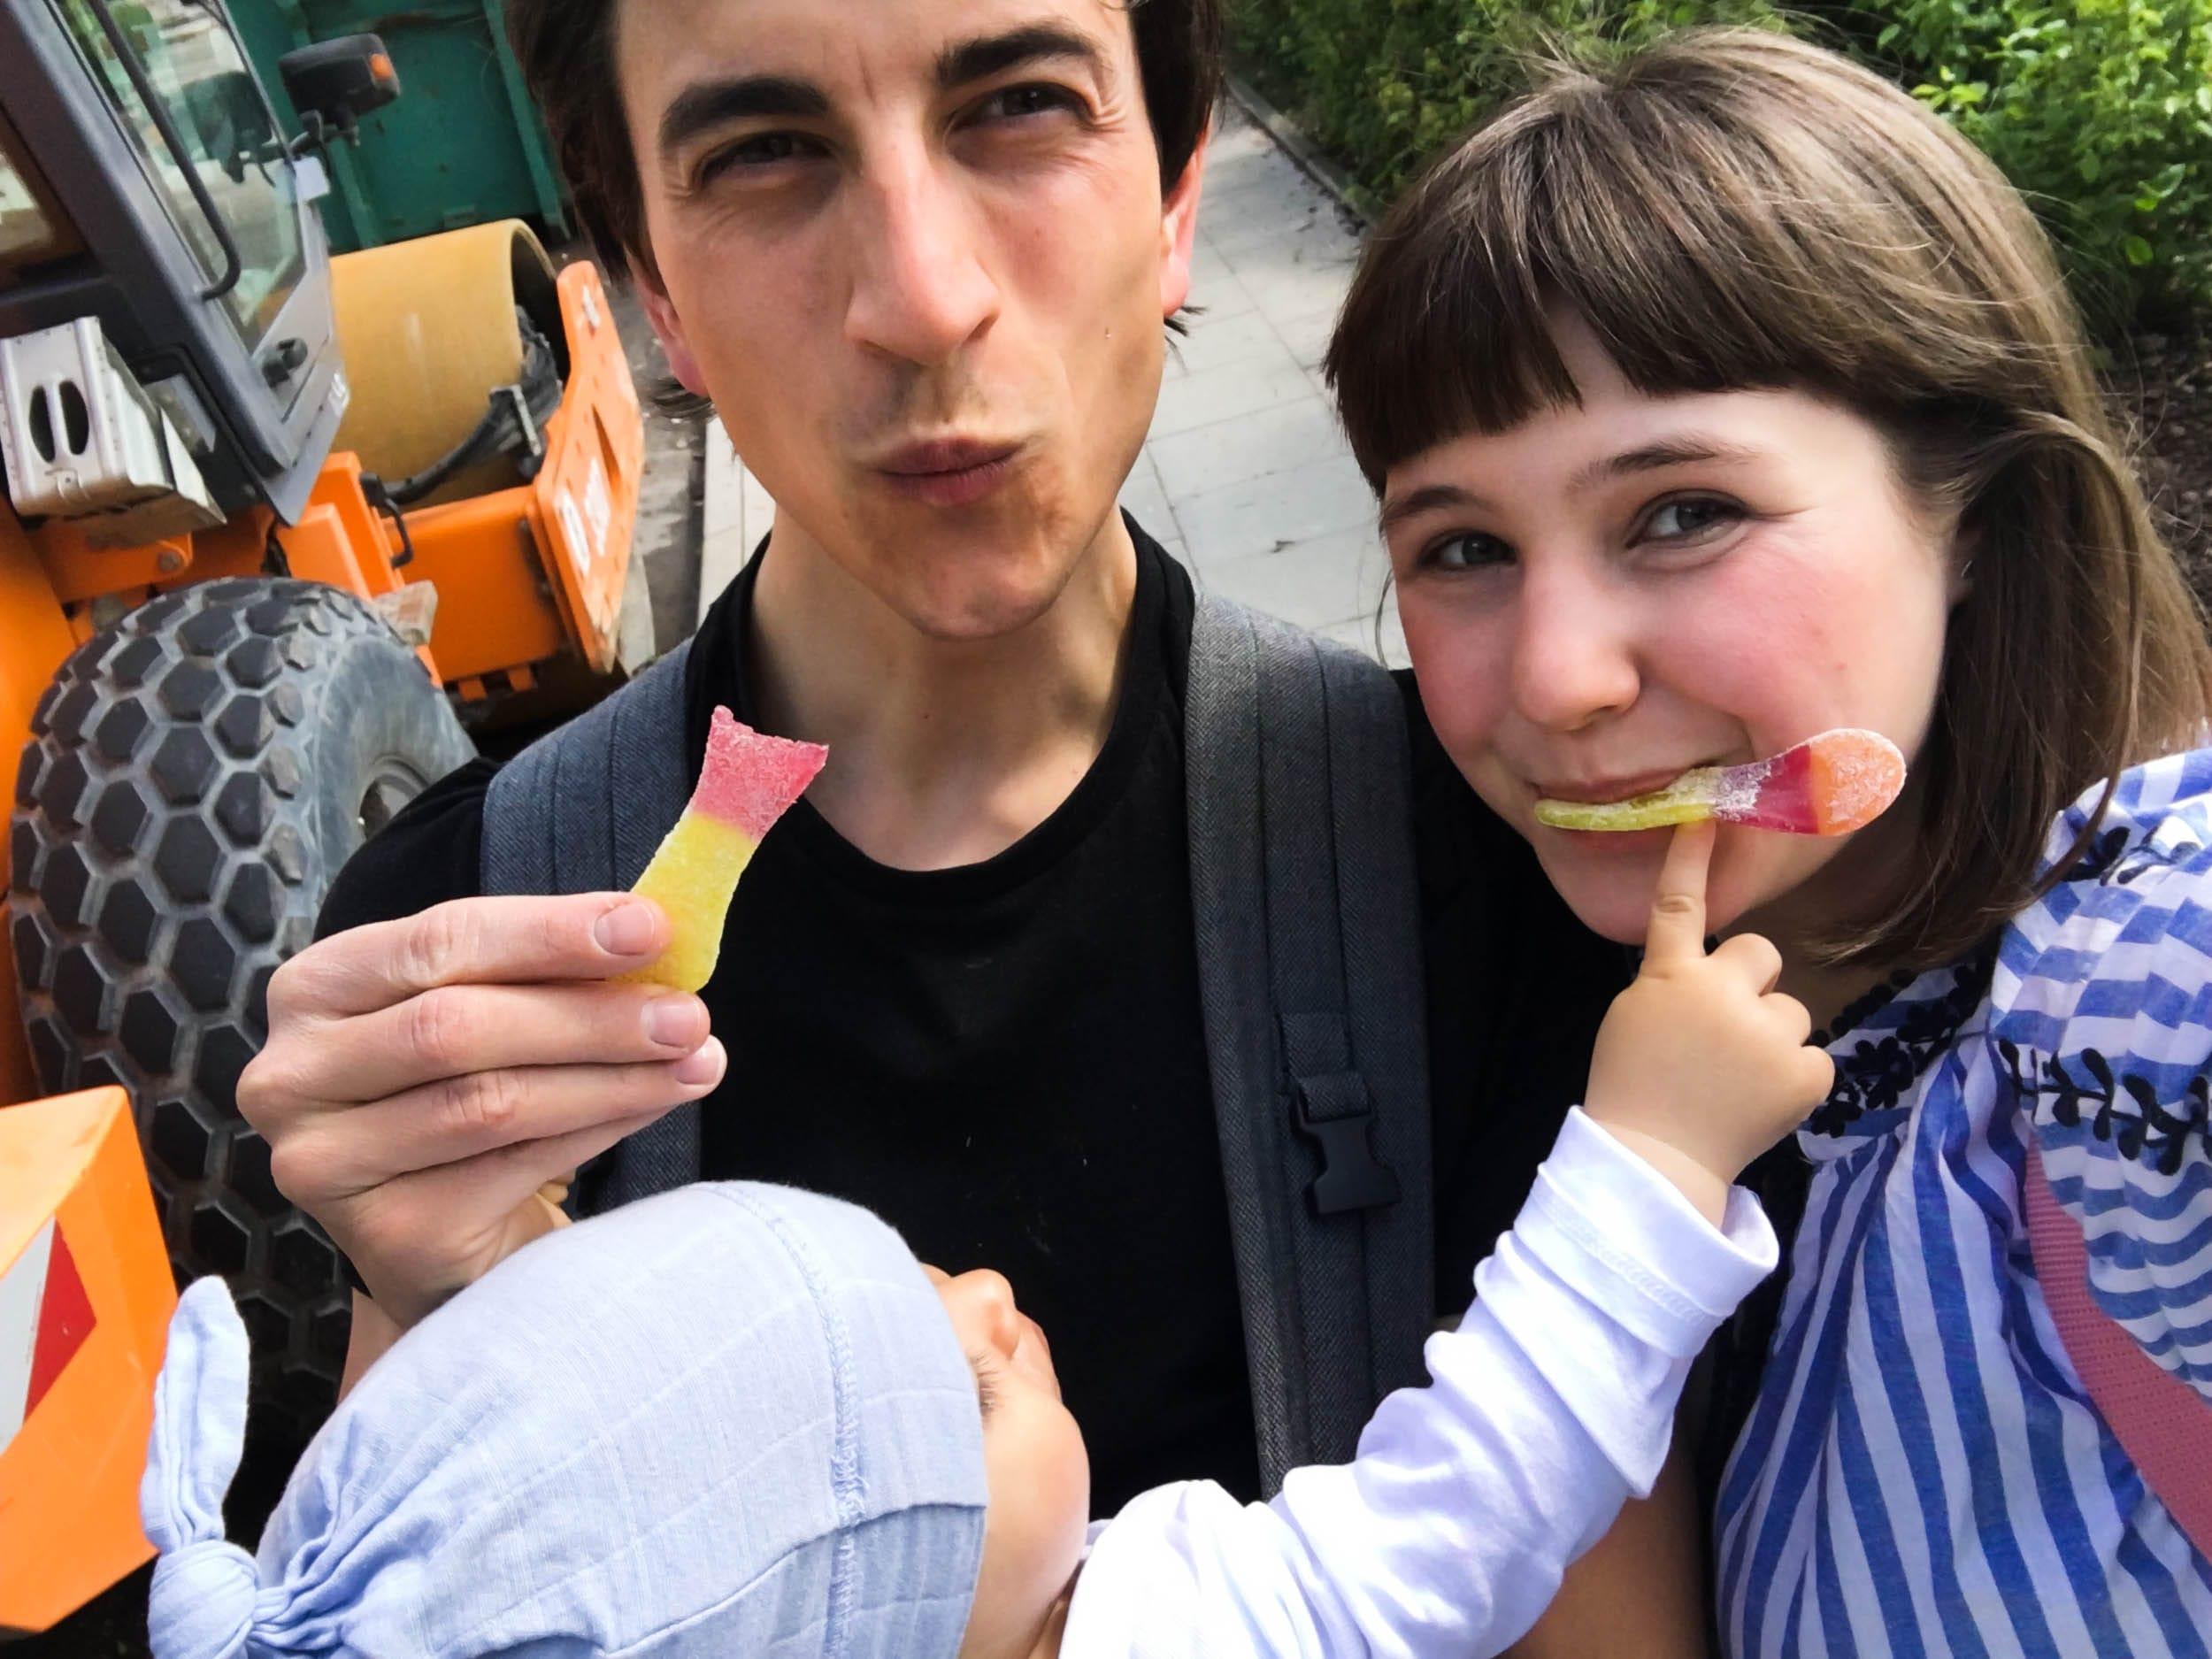 Wochenende in Bildern | 20. und 21. Mai | WiB | Familienalltag in Hamburg